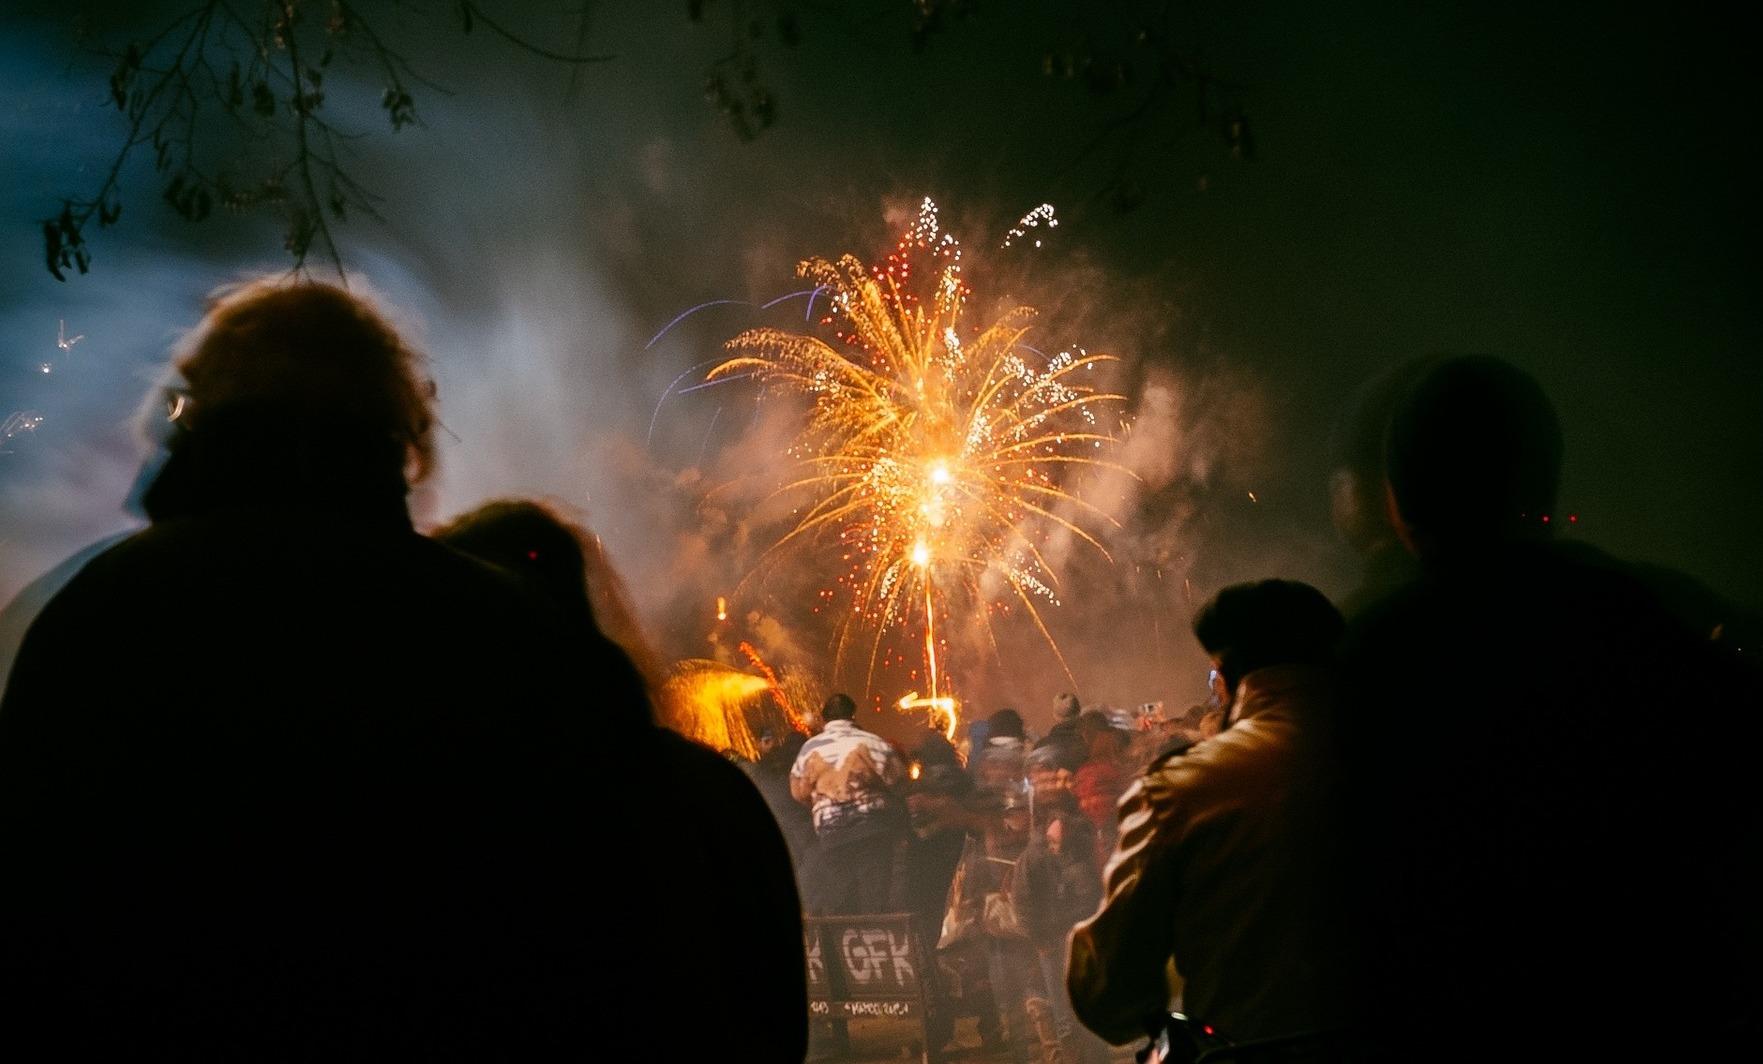 Driekwart van Nederlandse jeugd vindt dat vuurwerkbril verplicht moet worden